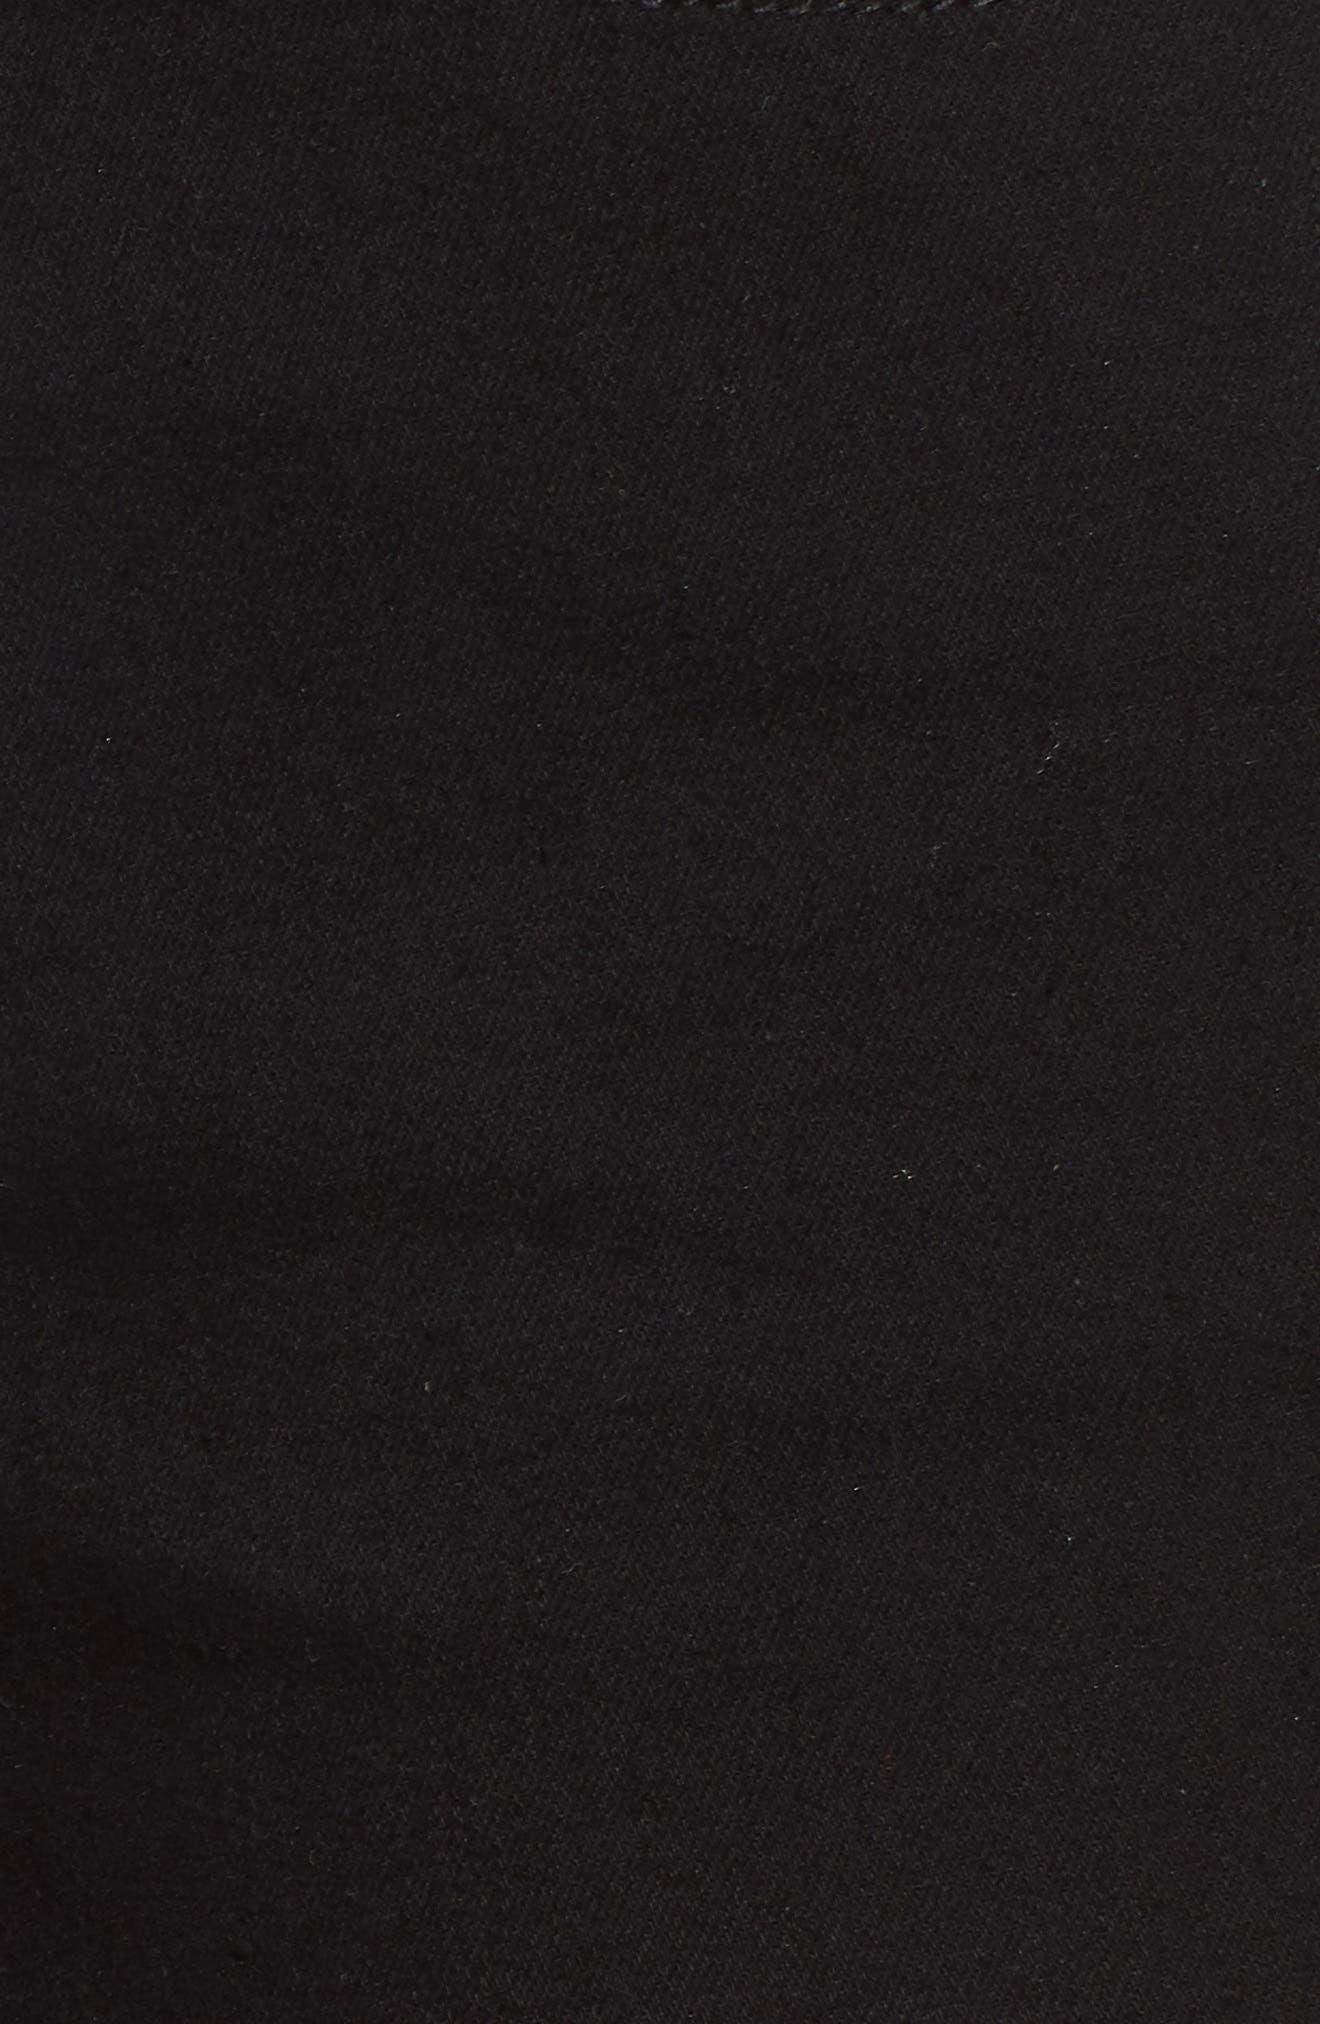 Studded Step Hem Denim Cutoff Shorts,                             Alternate thumbnail 6, color,                             Black